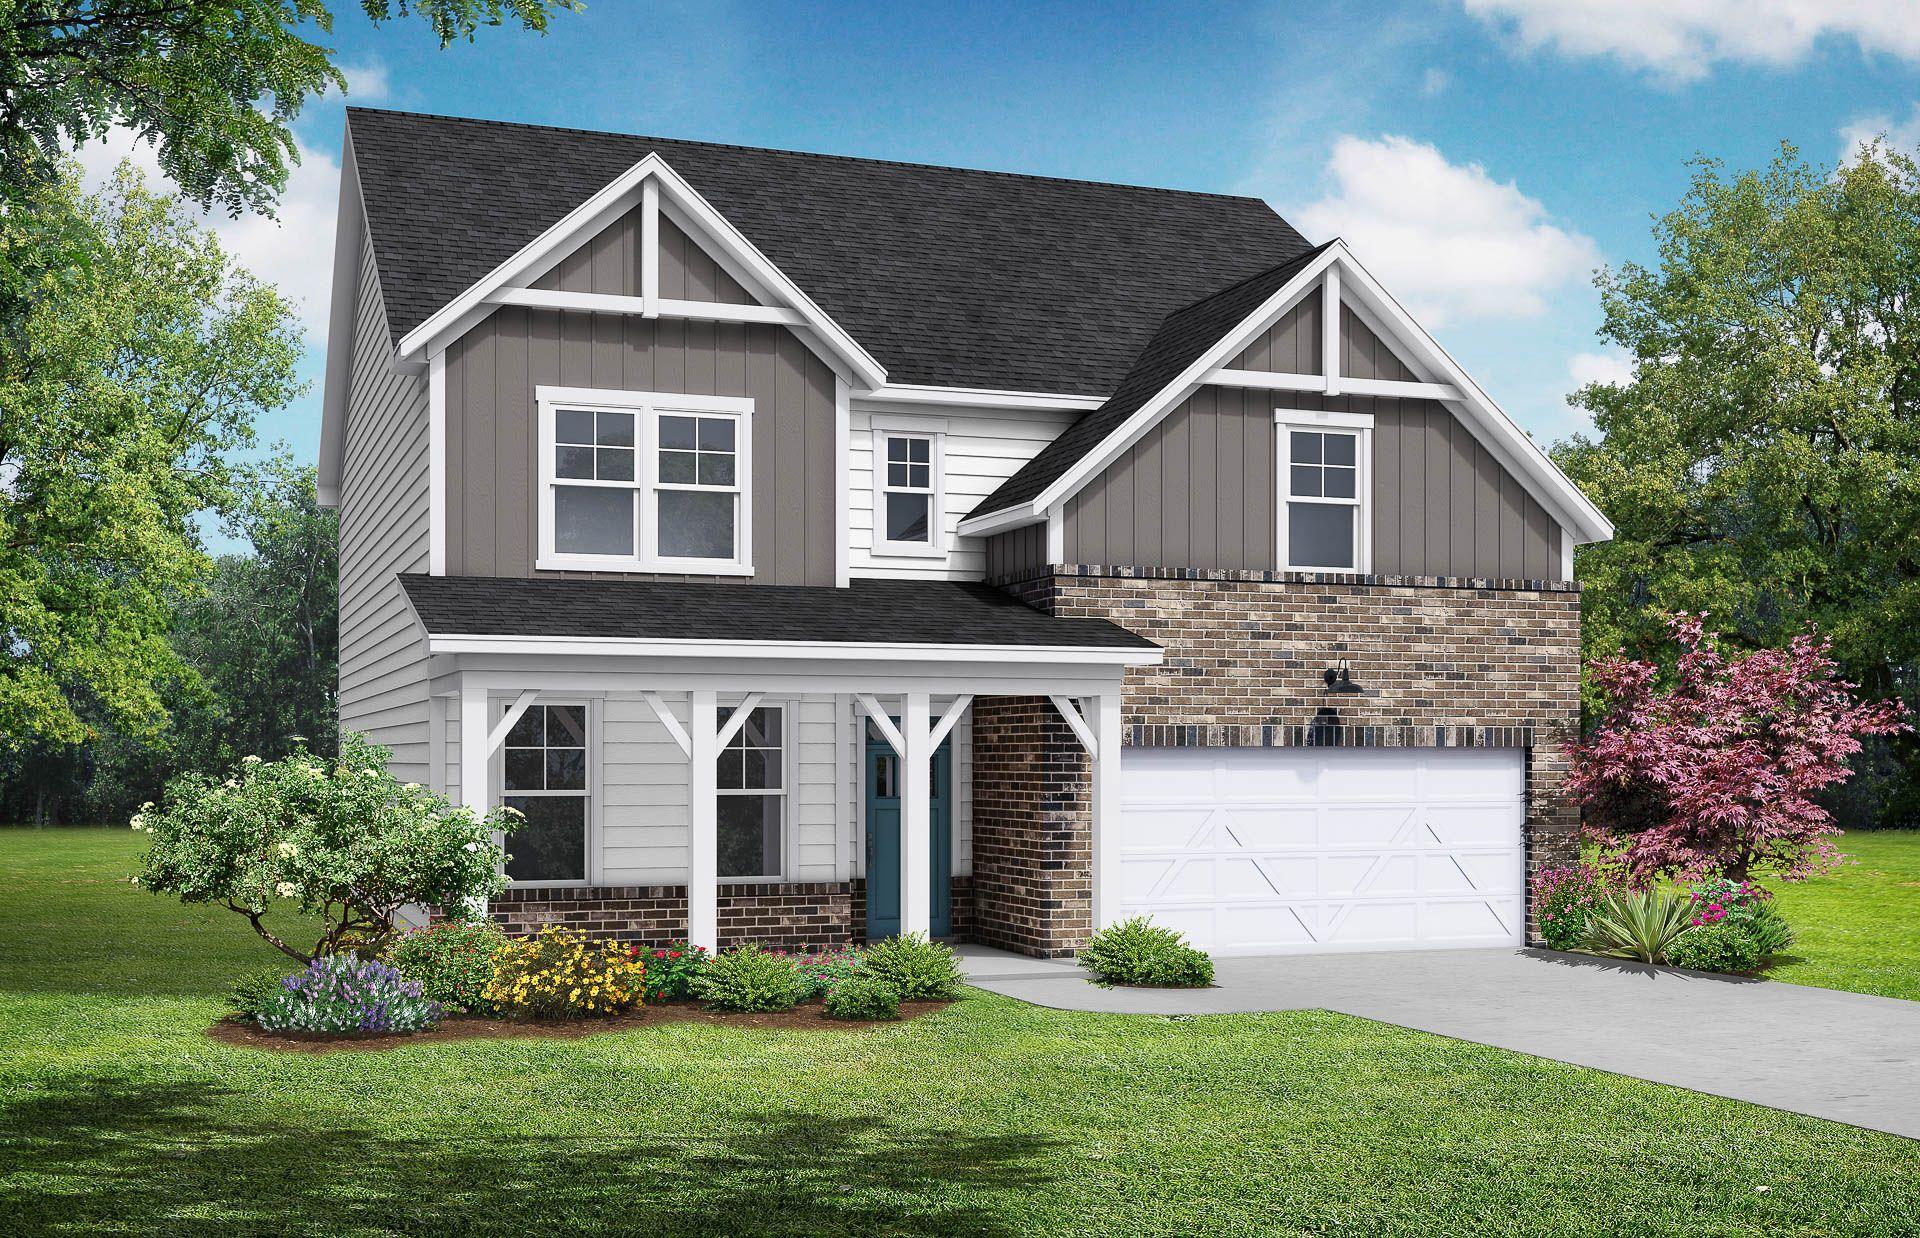 Davidson Homes The Hemlock B Floor Plan Exterior Rendering